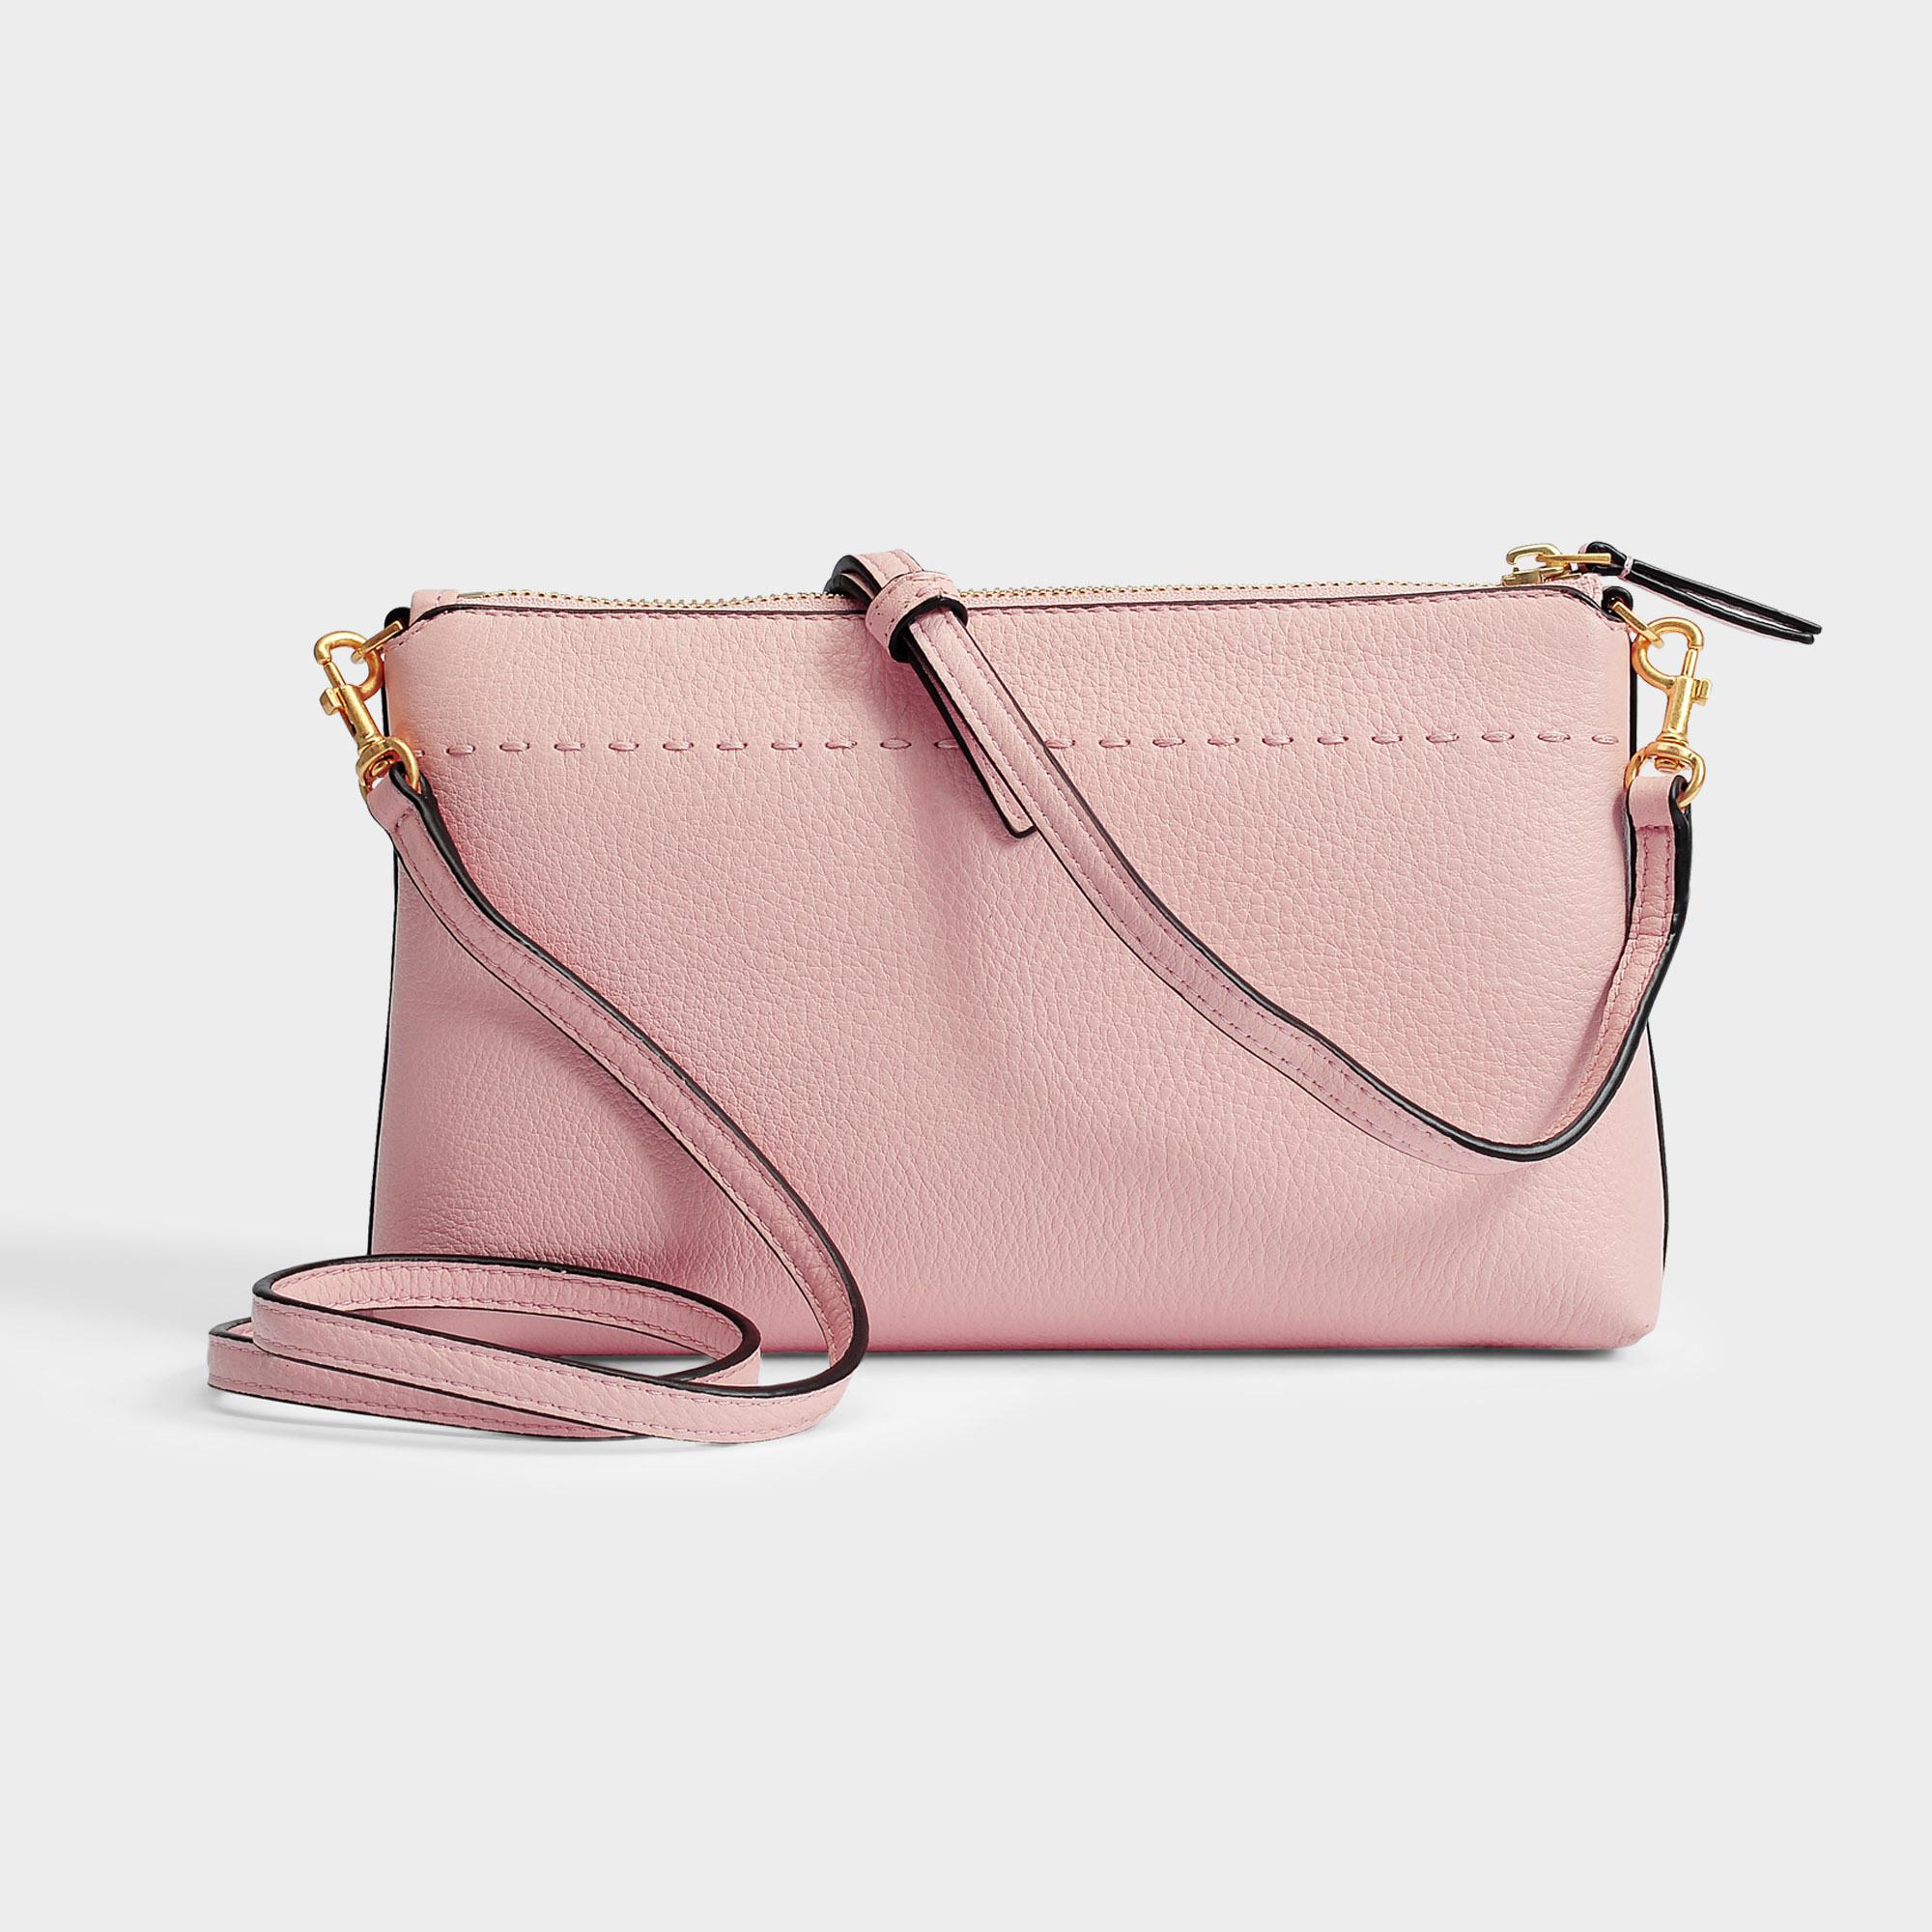 6ceac99de Tory Burch Mcgraw Top Zip Crossbody Bag in Pink - Lyst